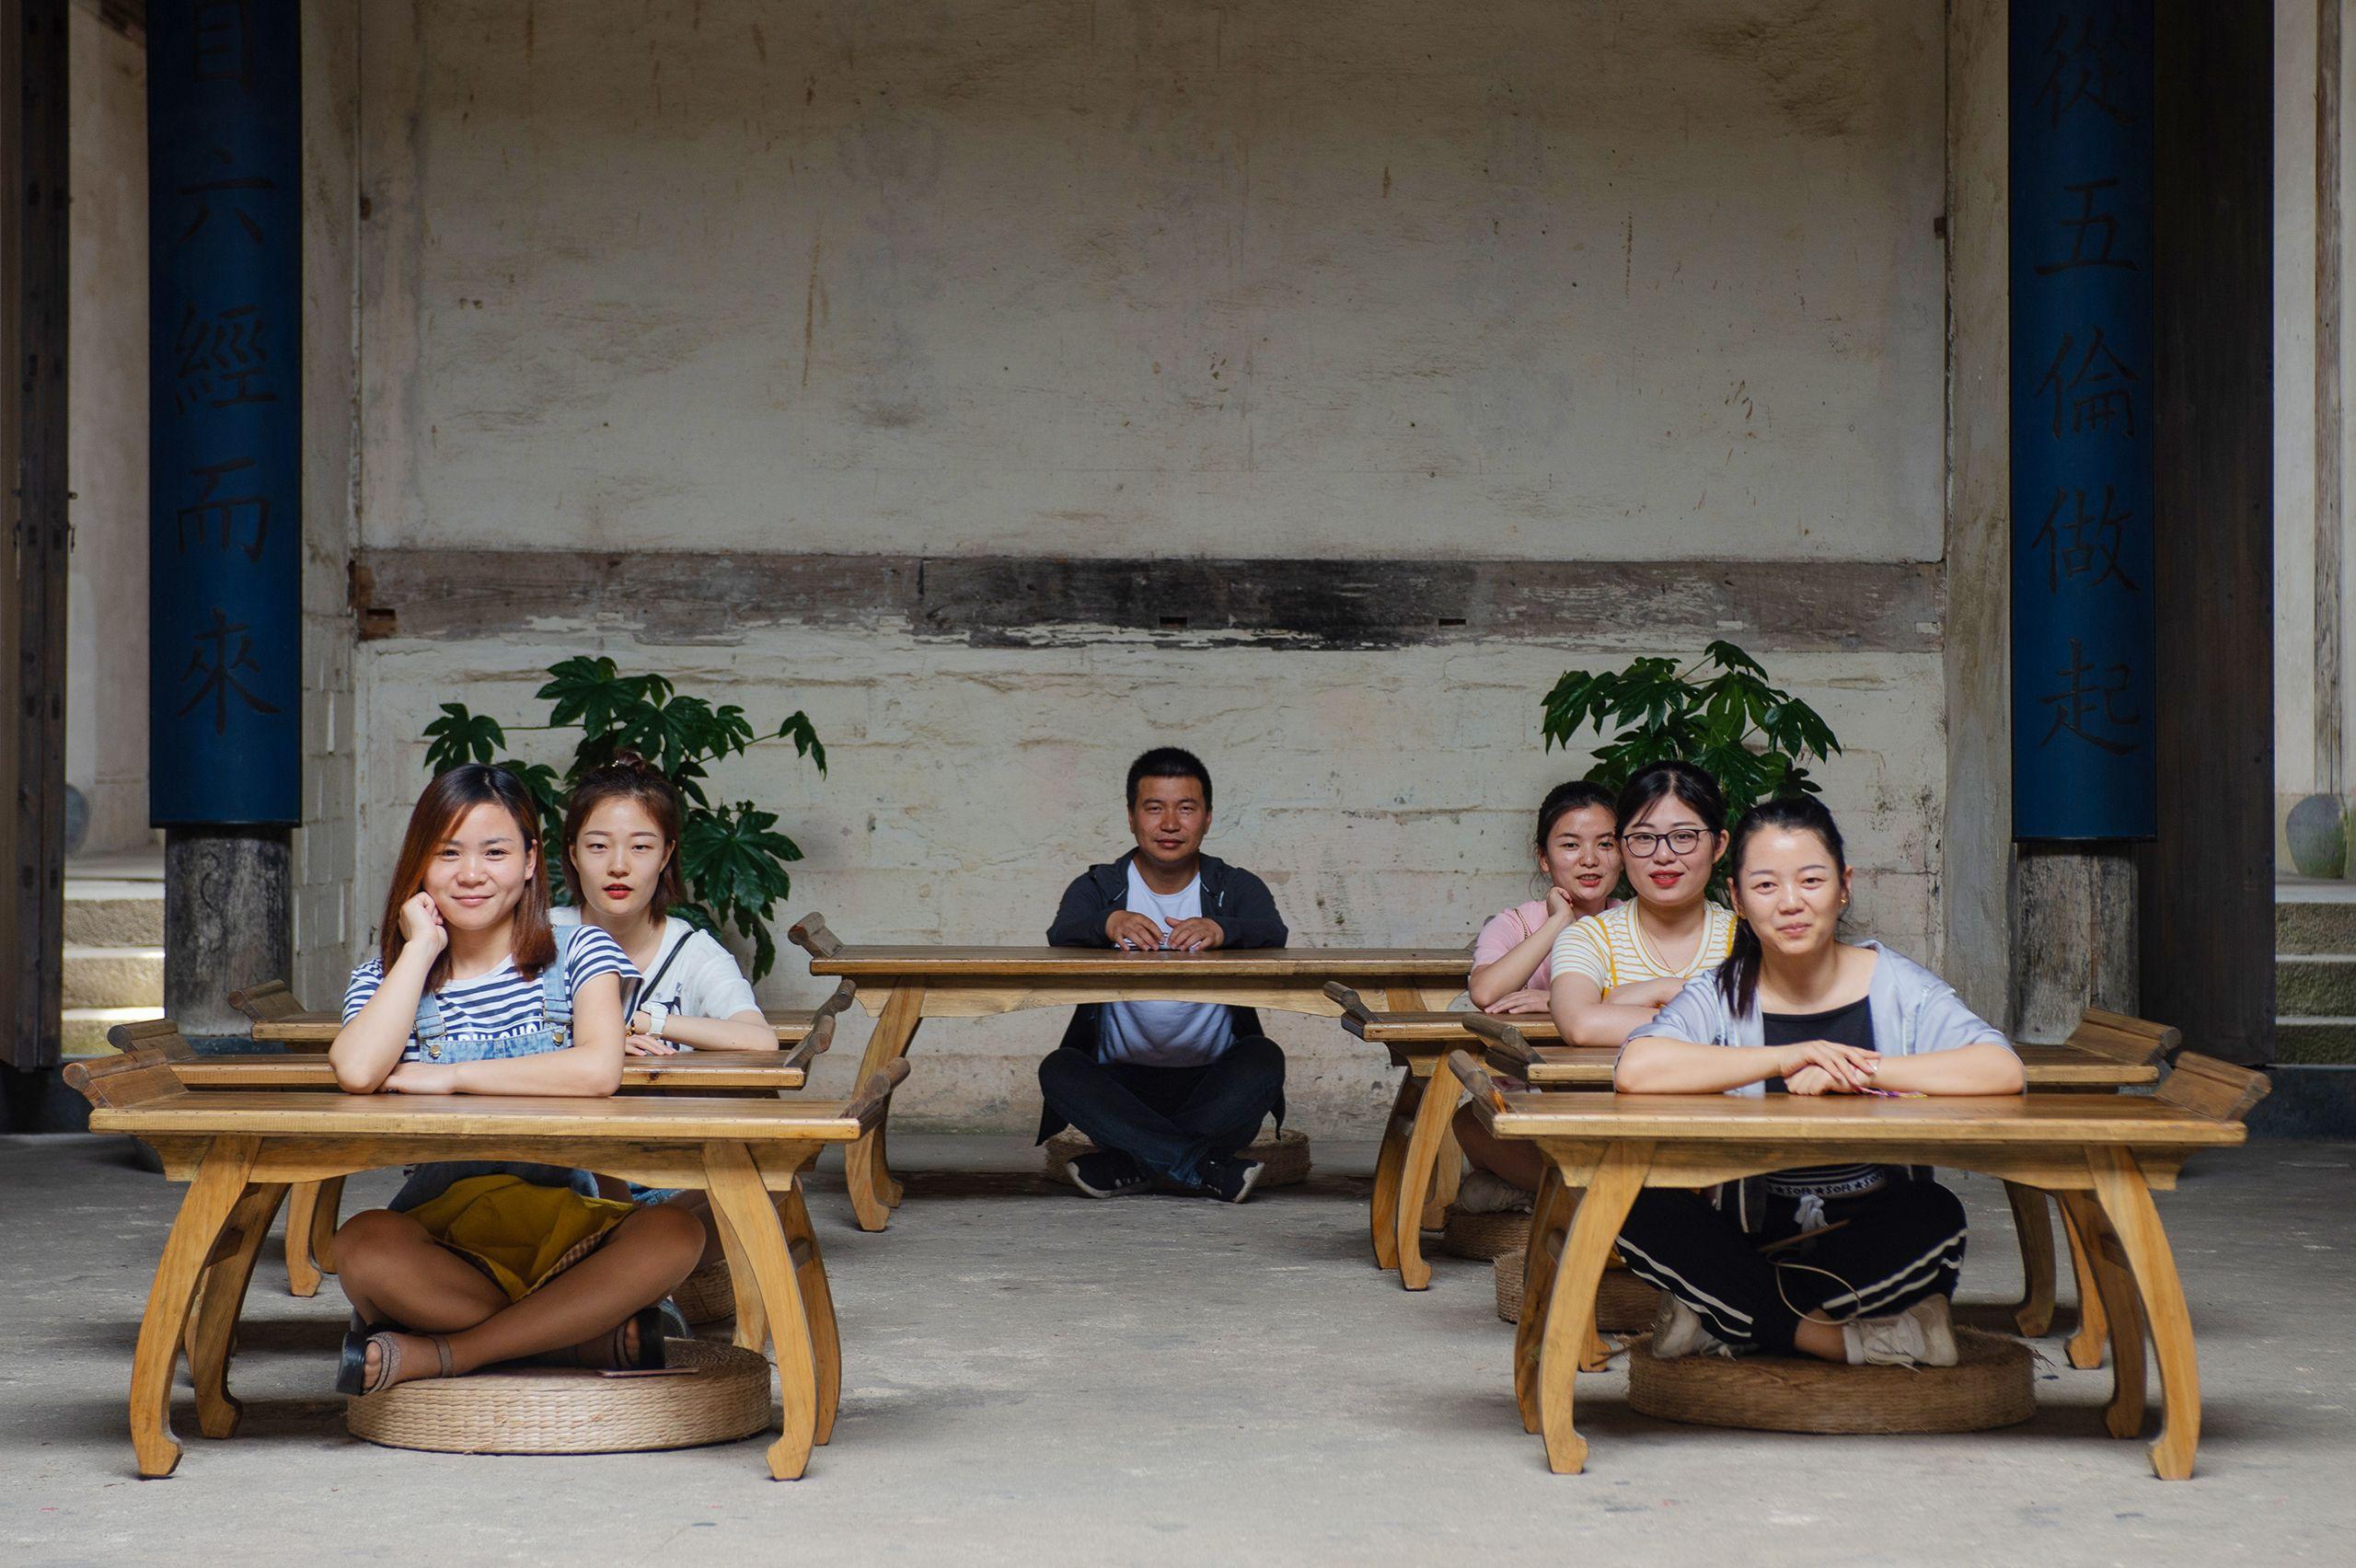 School Girls at Desks